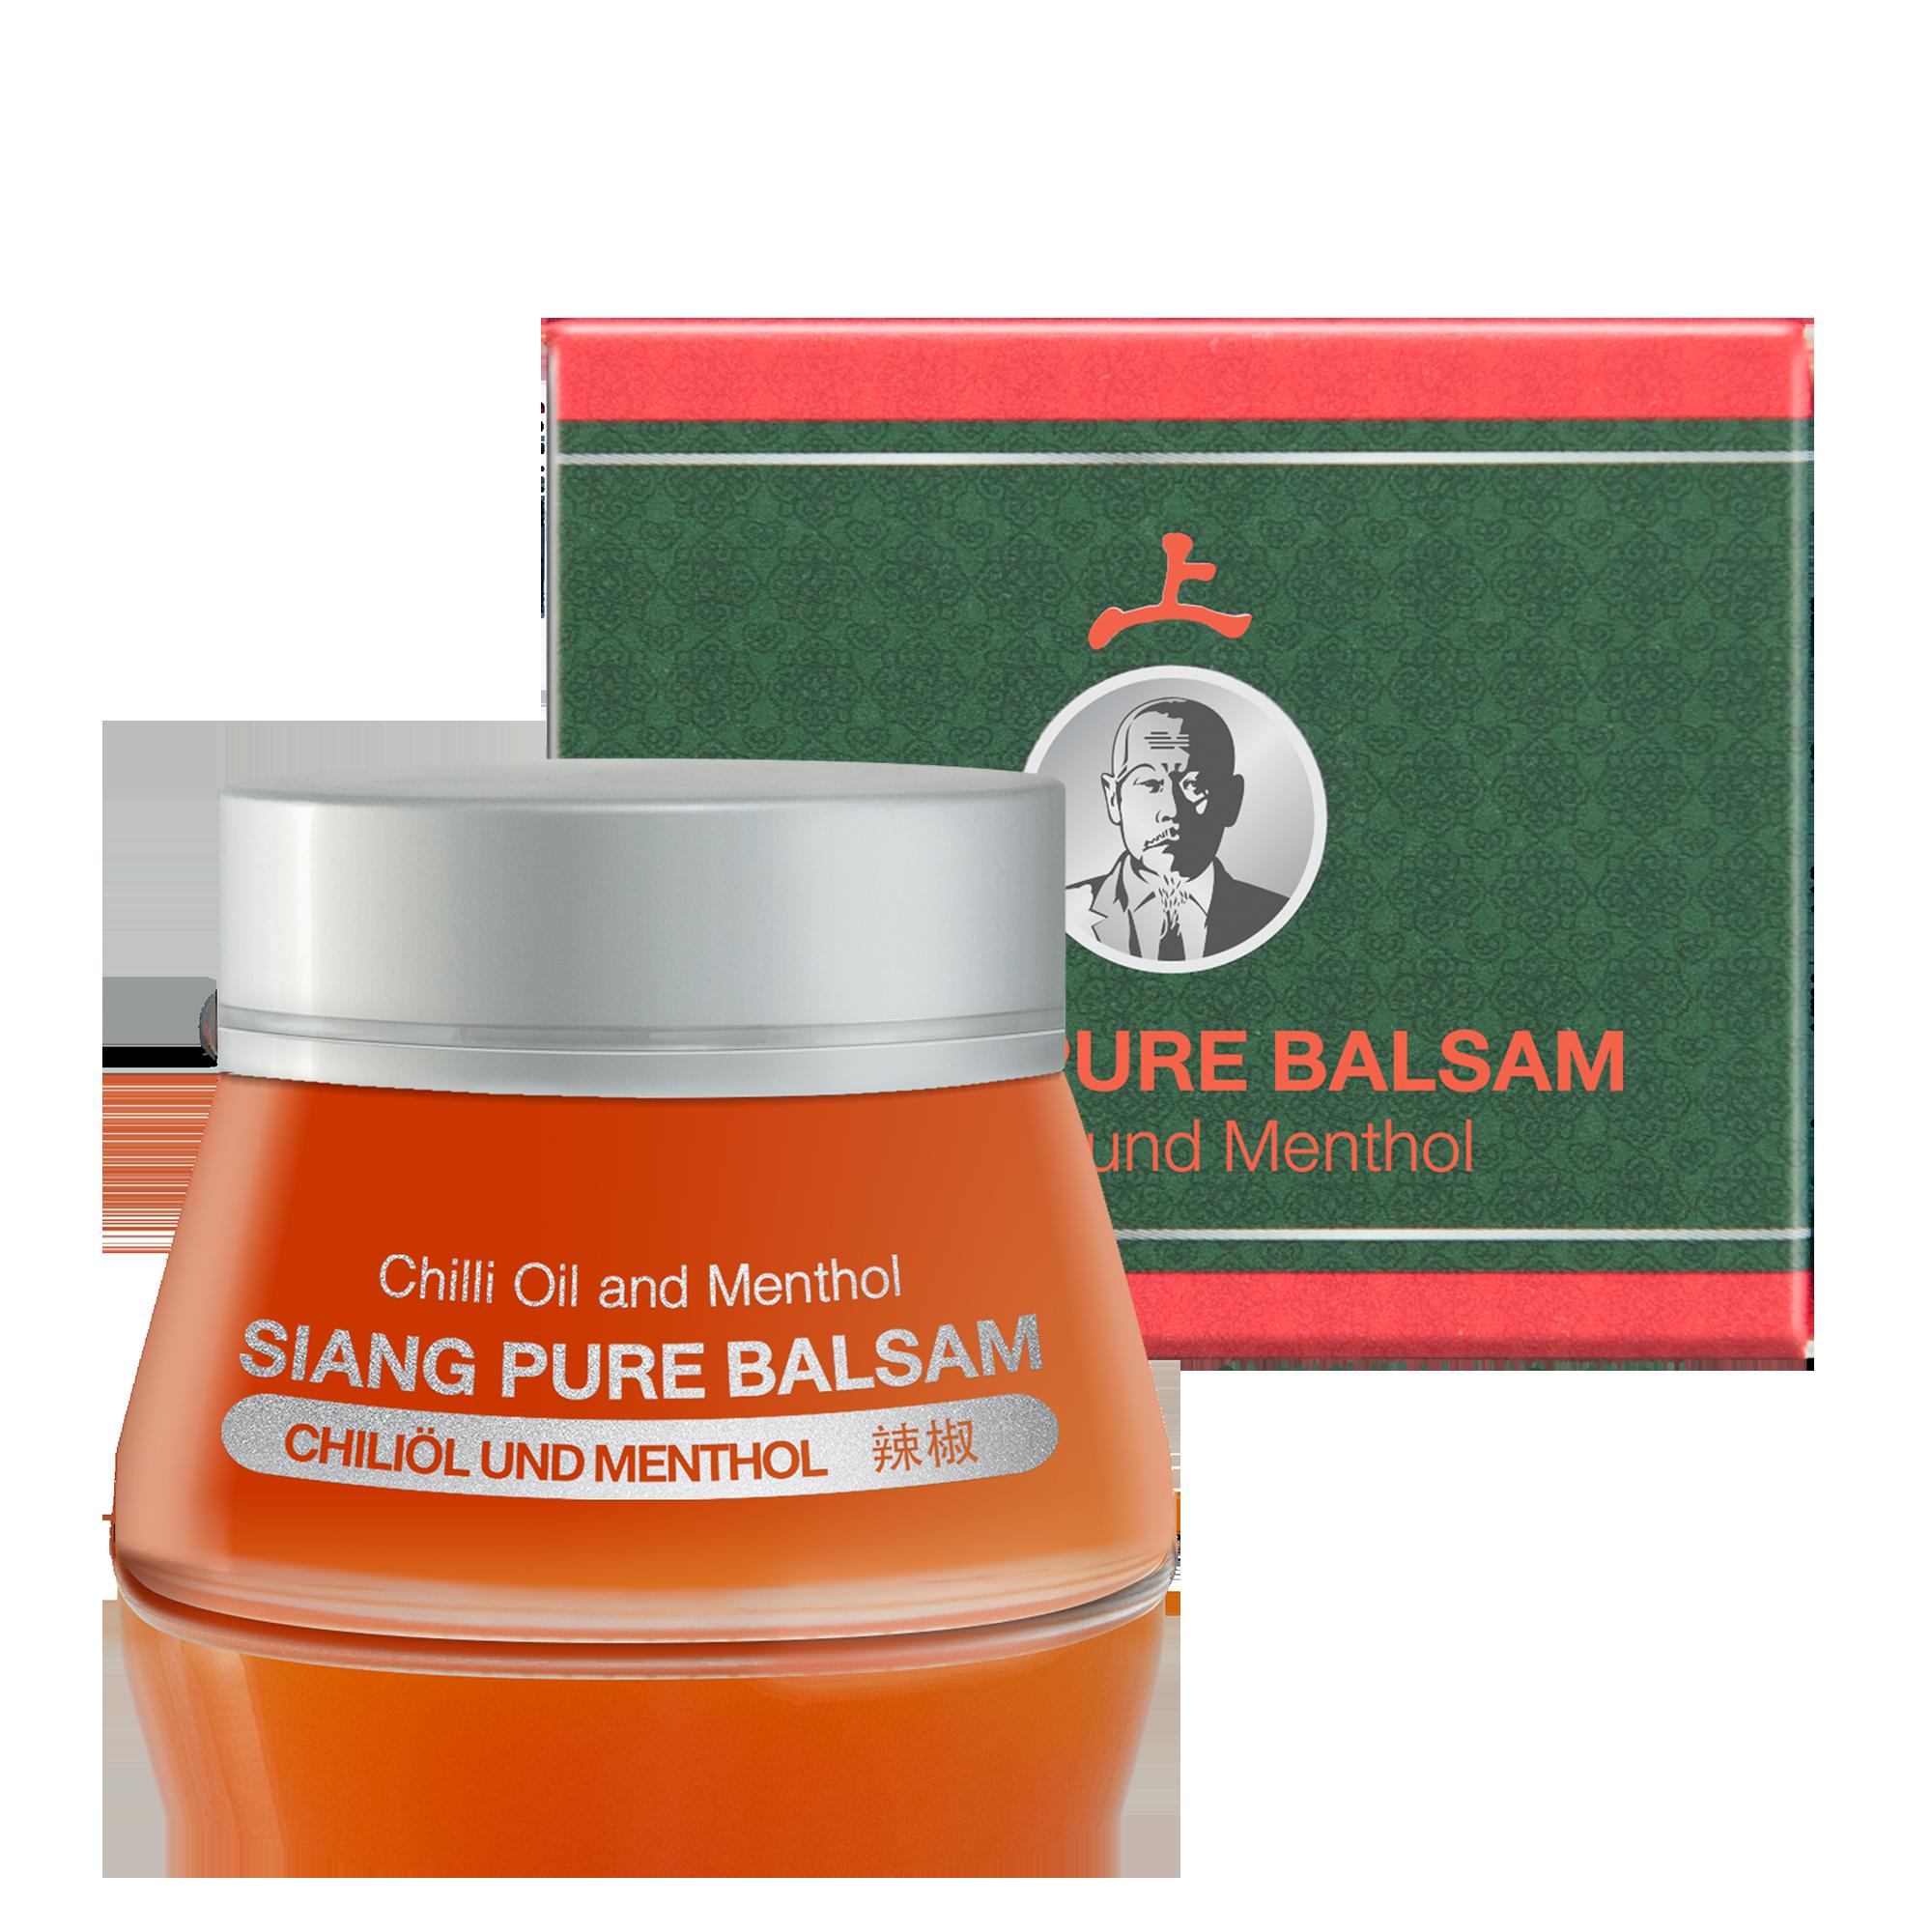 Siang Pure Balsam